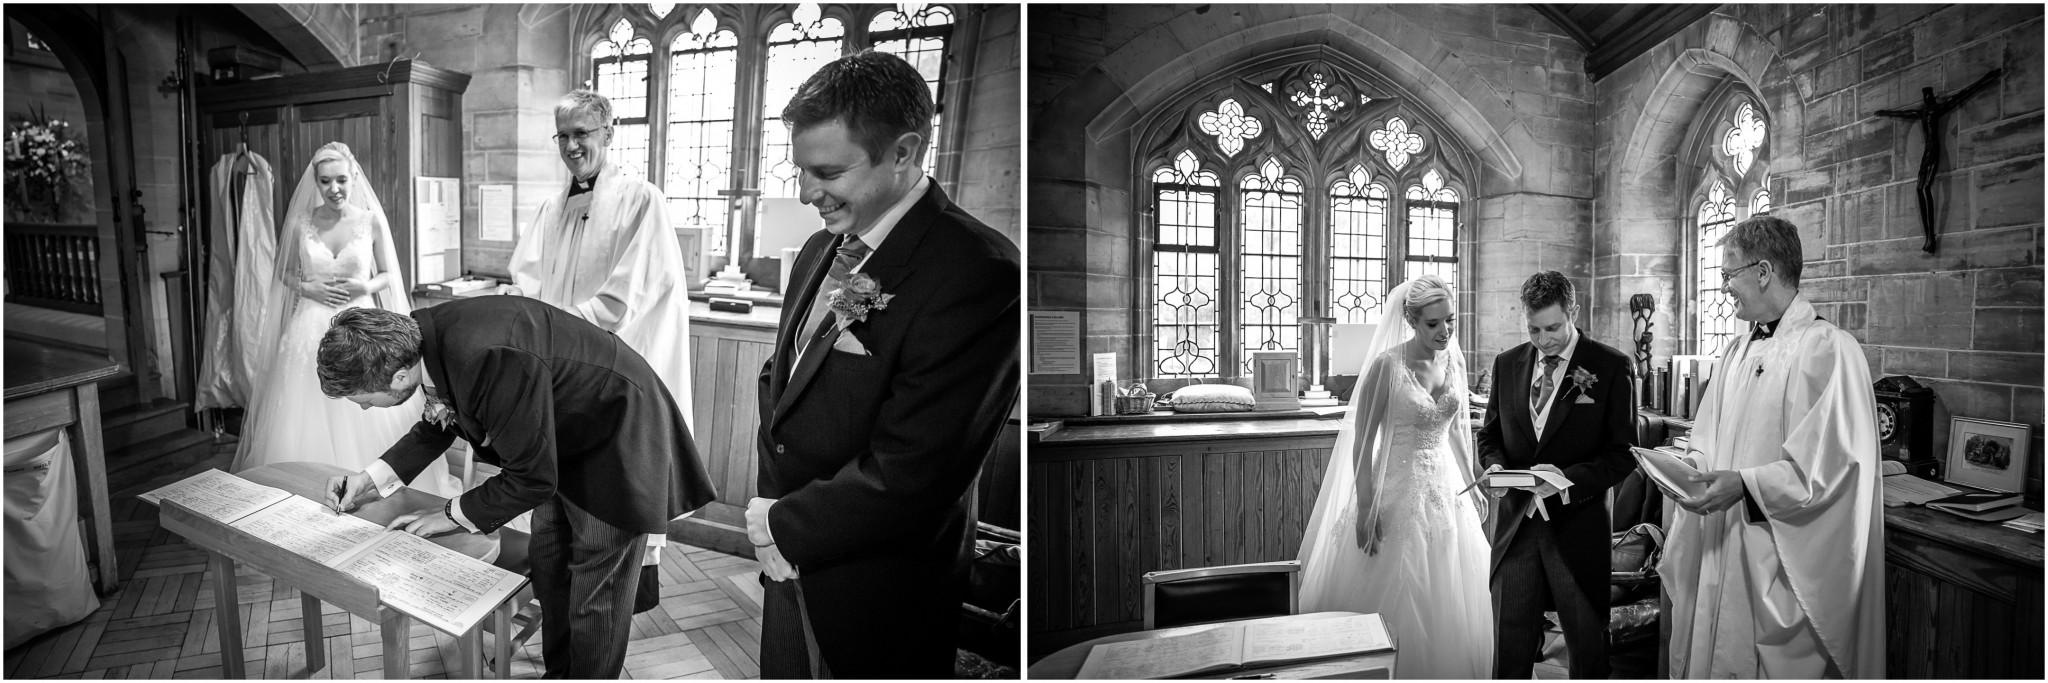 St Saviours Church Brockenhurst Bride & Groom signing the register